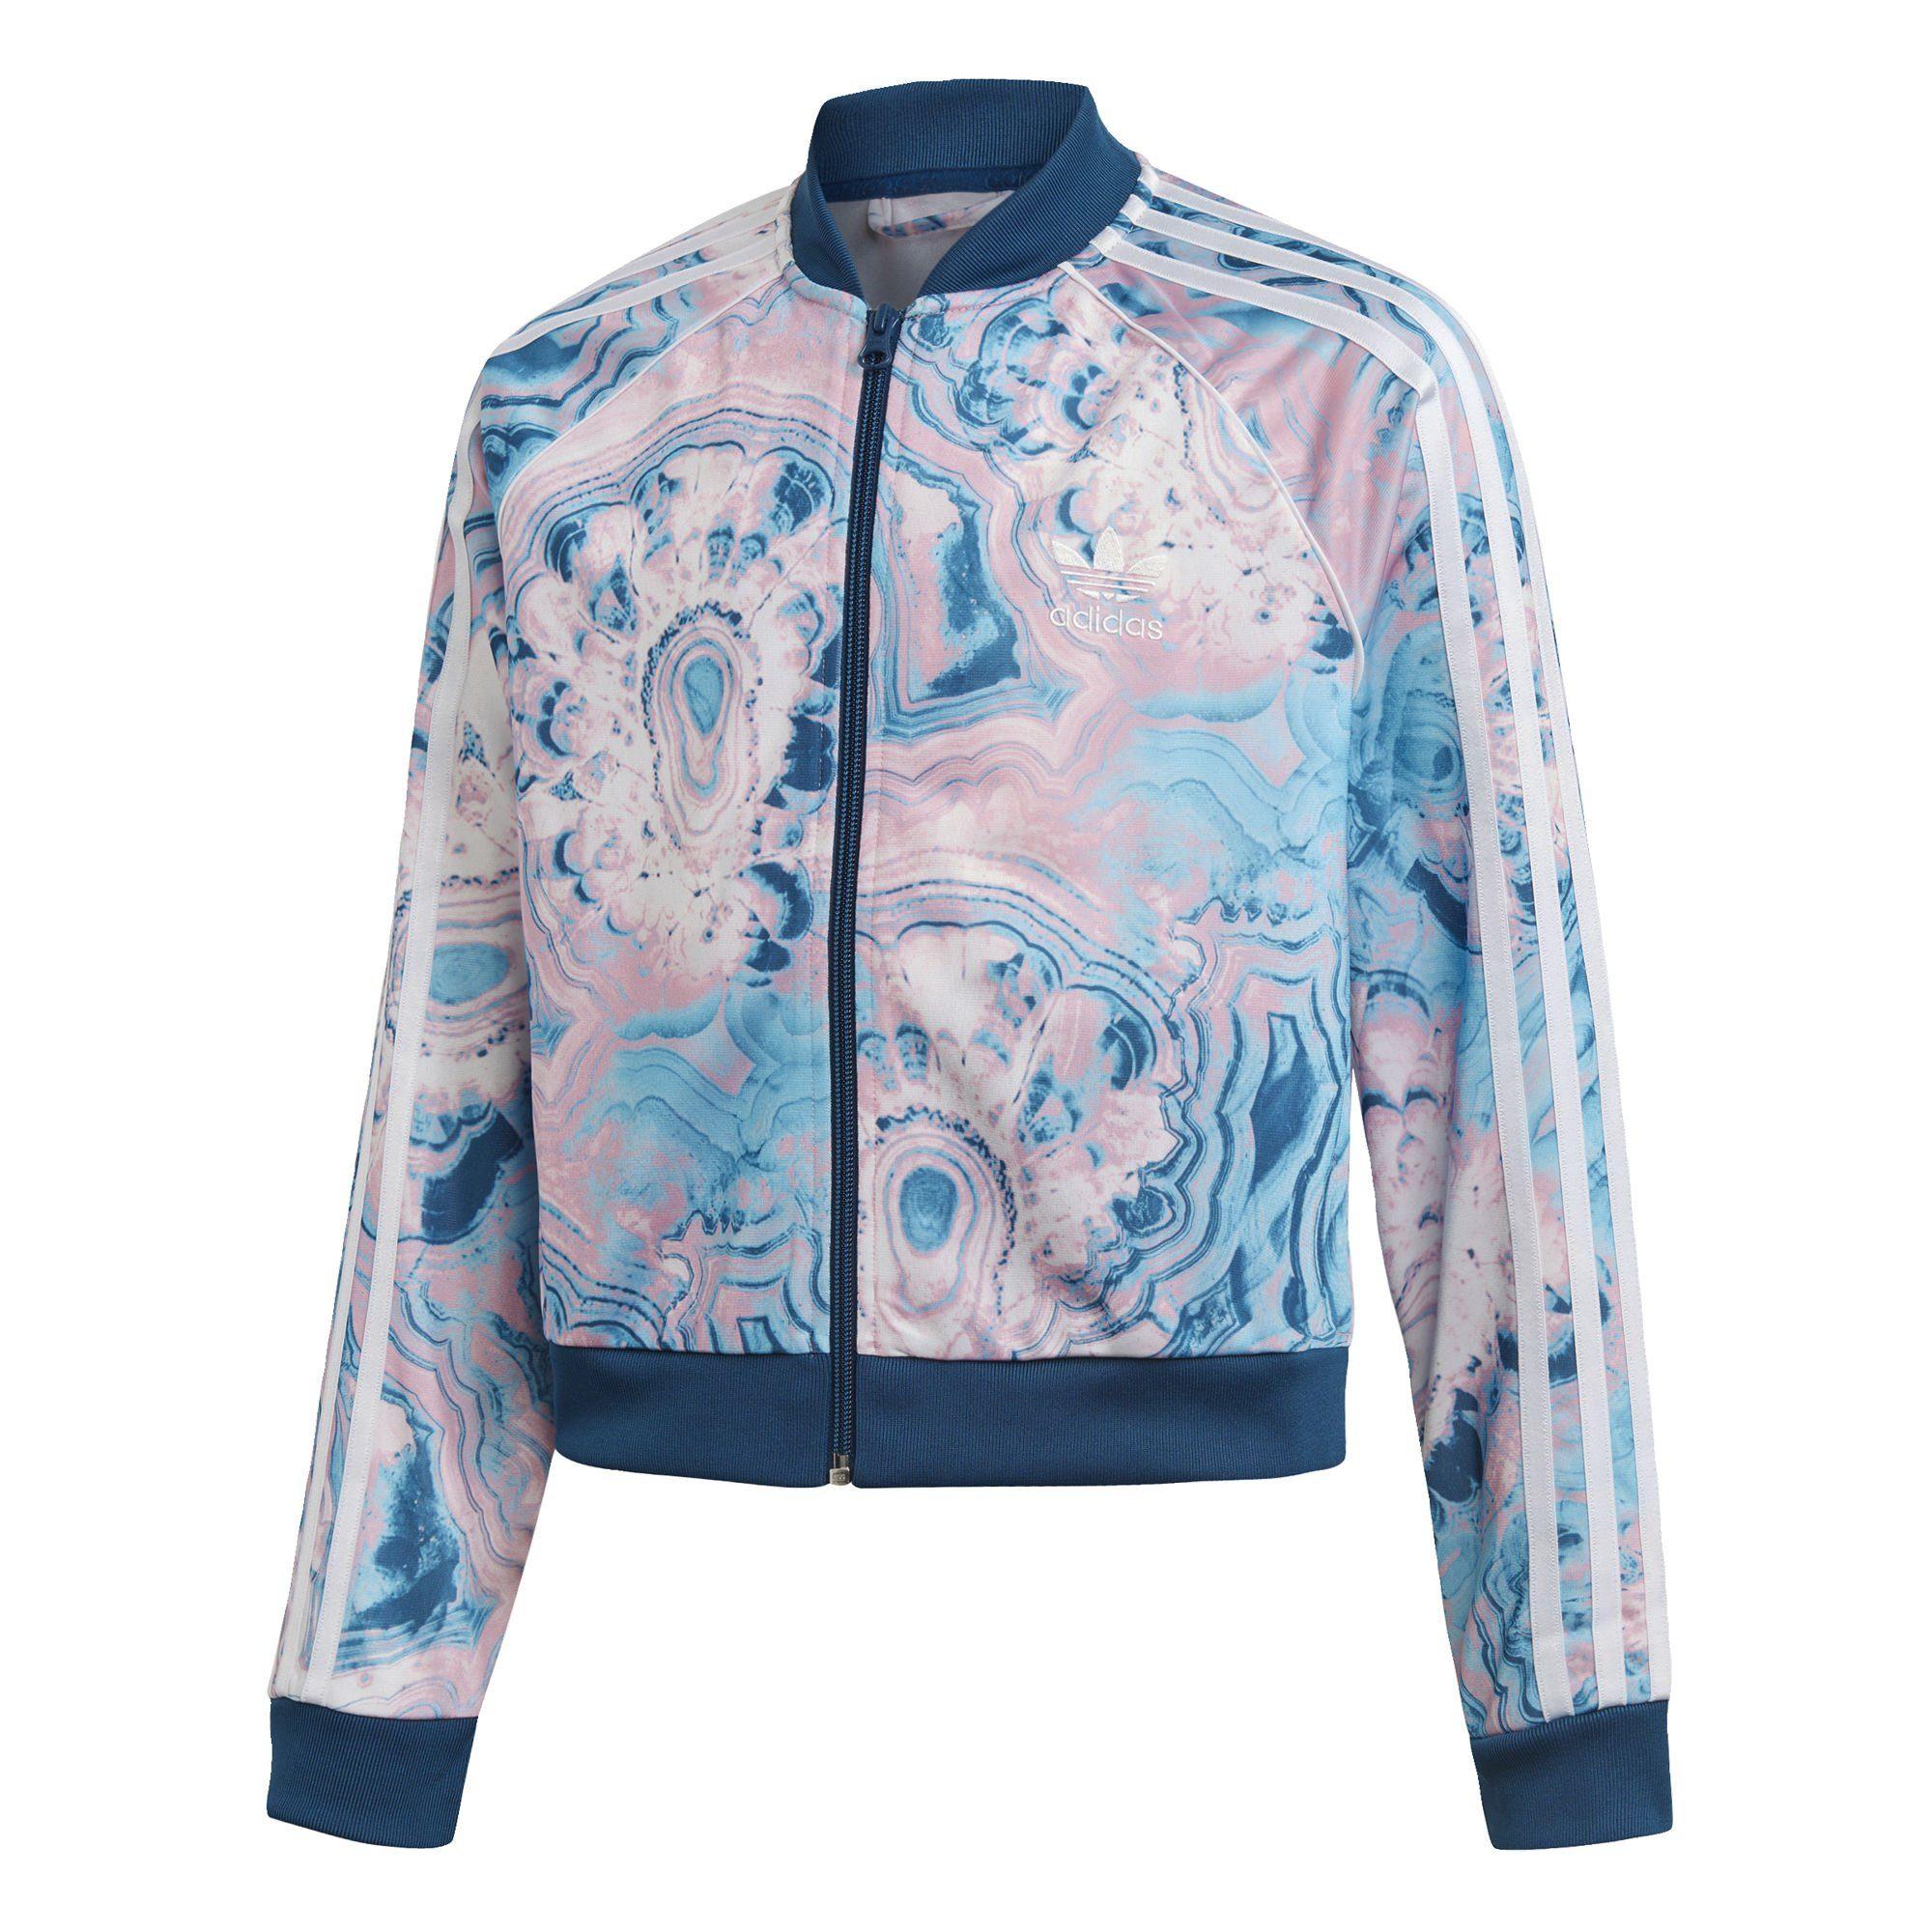 adidas Originals Sweatjacke »Marble Cropped SST Originals Jacke« AOP PACK online kaufen | OTTO